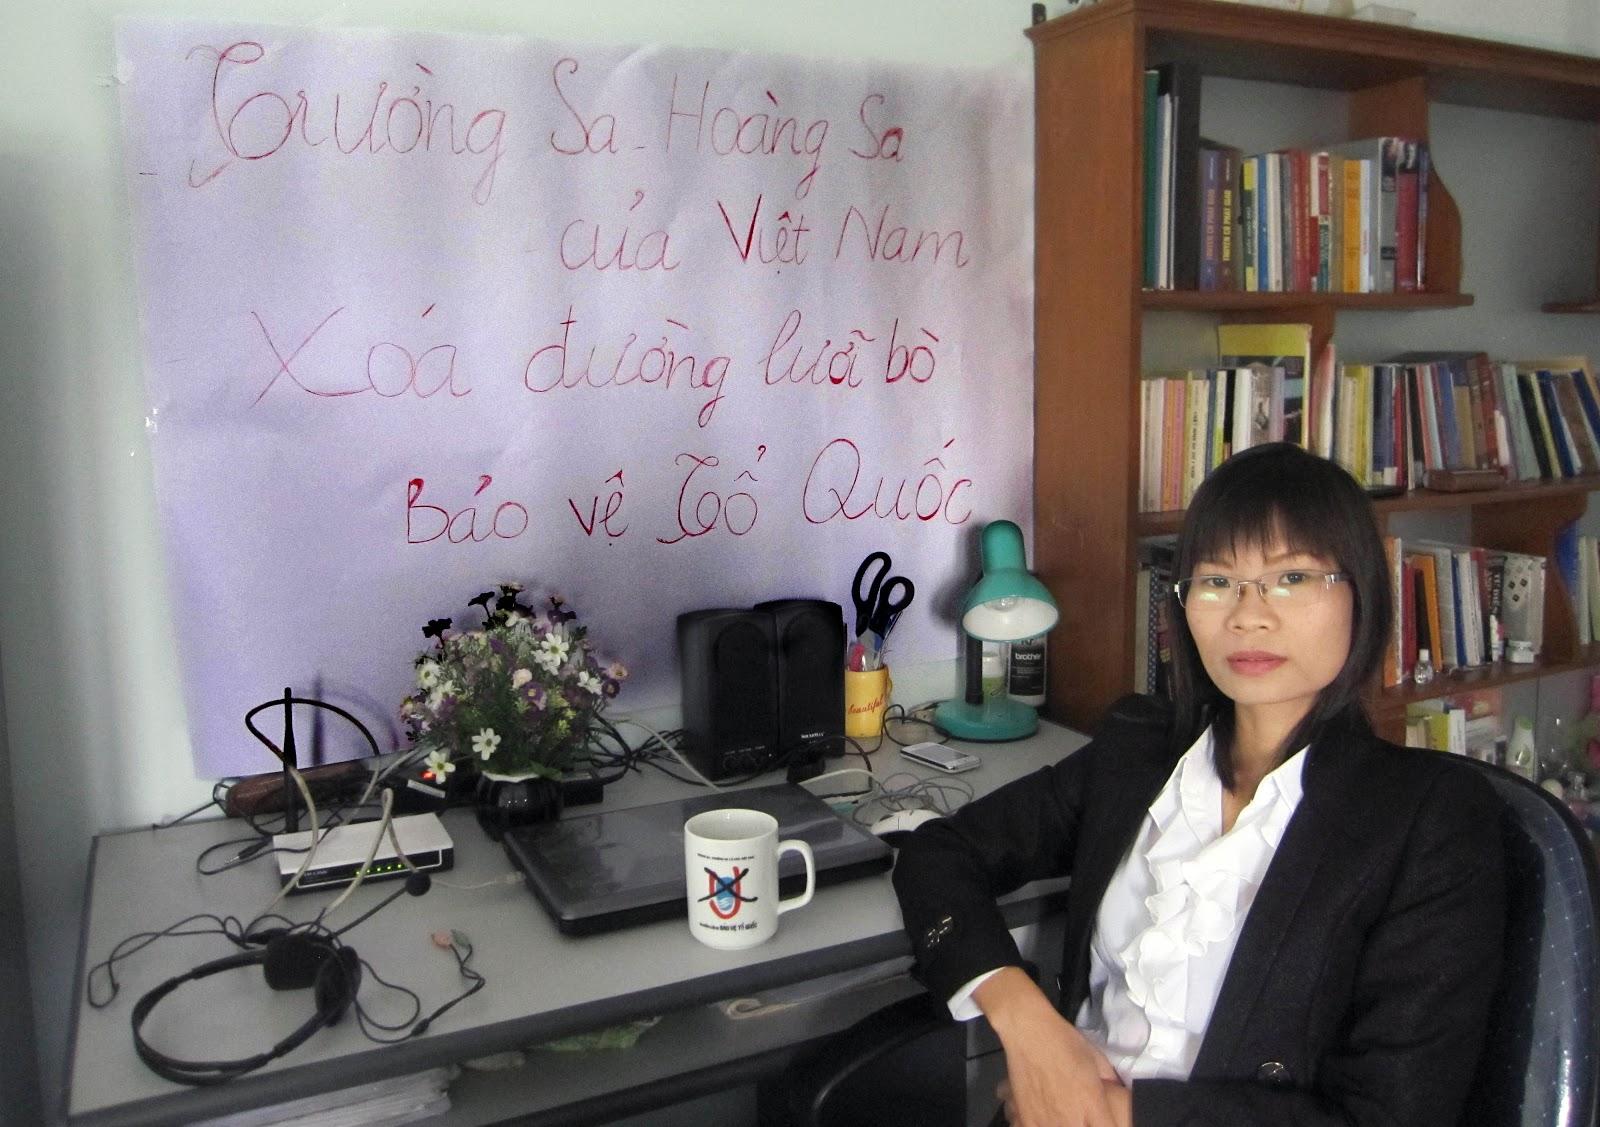 Cựu TNLT Phạm Thanh Nghiên vào danh sách chung kết Giải Nhân Quyền của Front Line Defenders